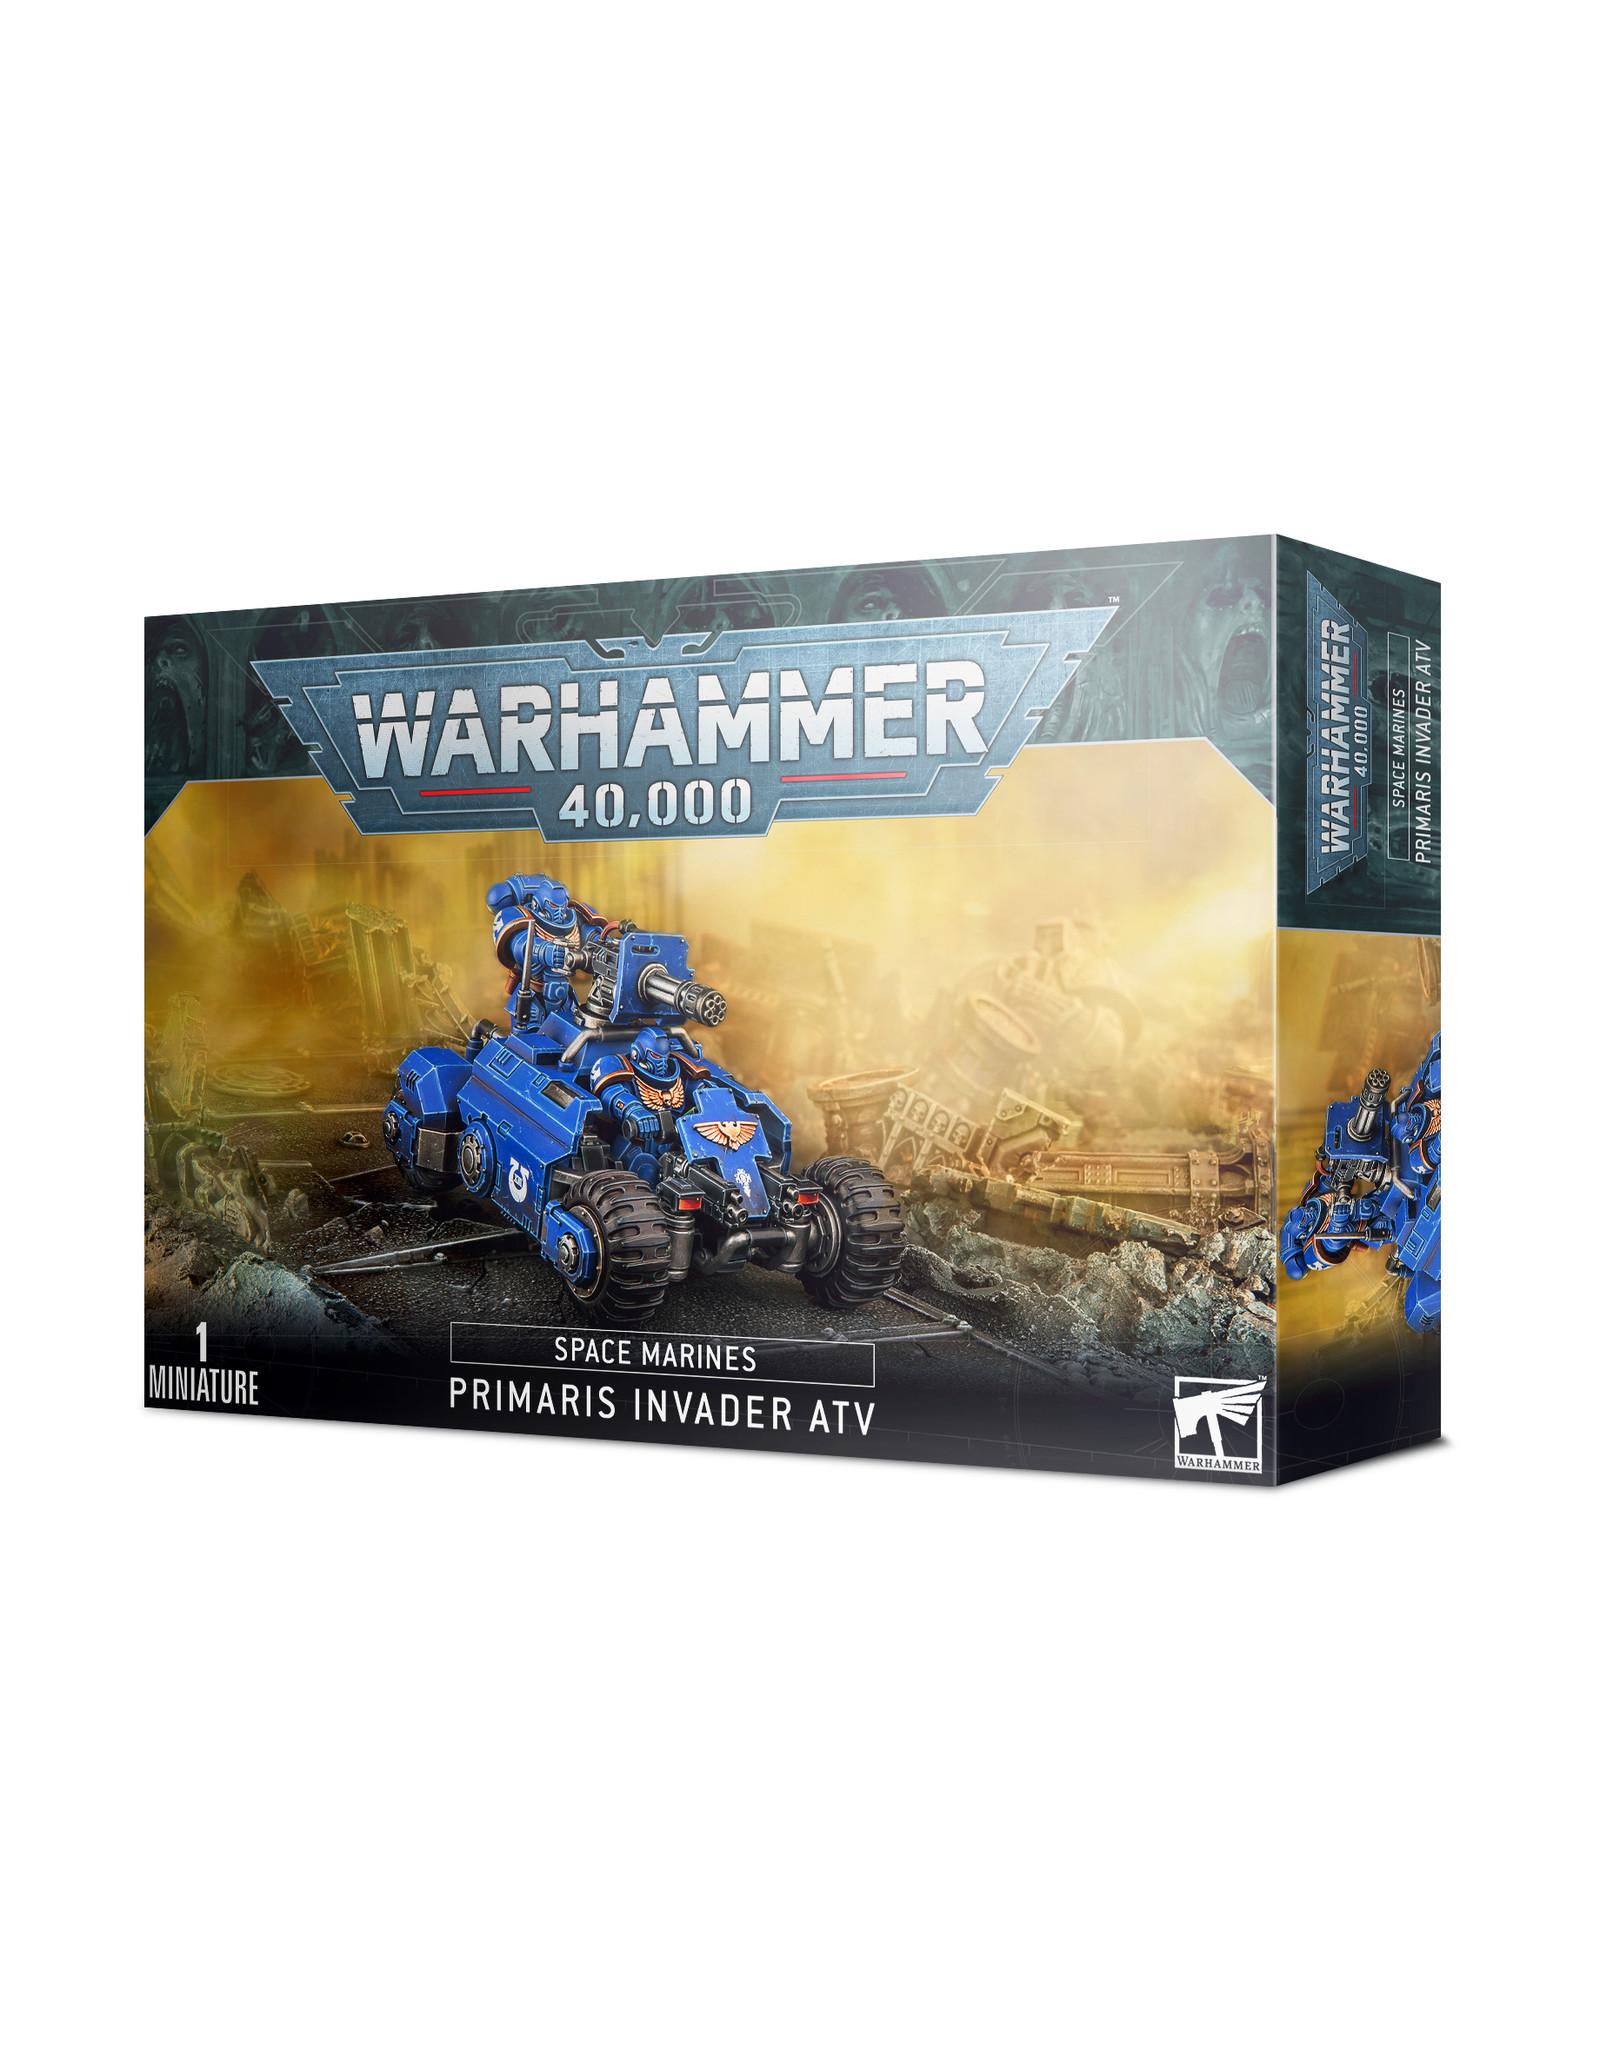 Warhammer 40K Space Marine Primaris Invader ATV